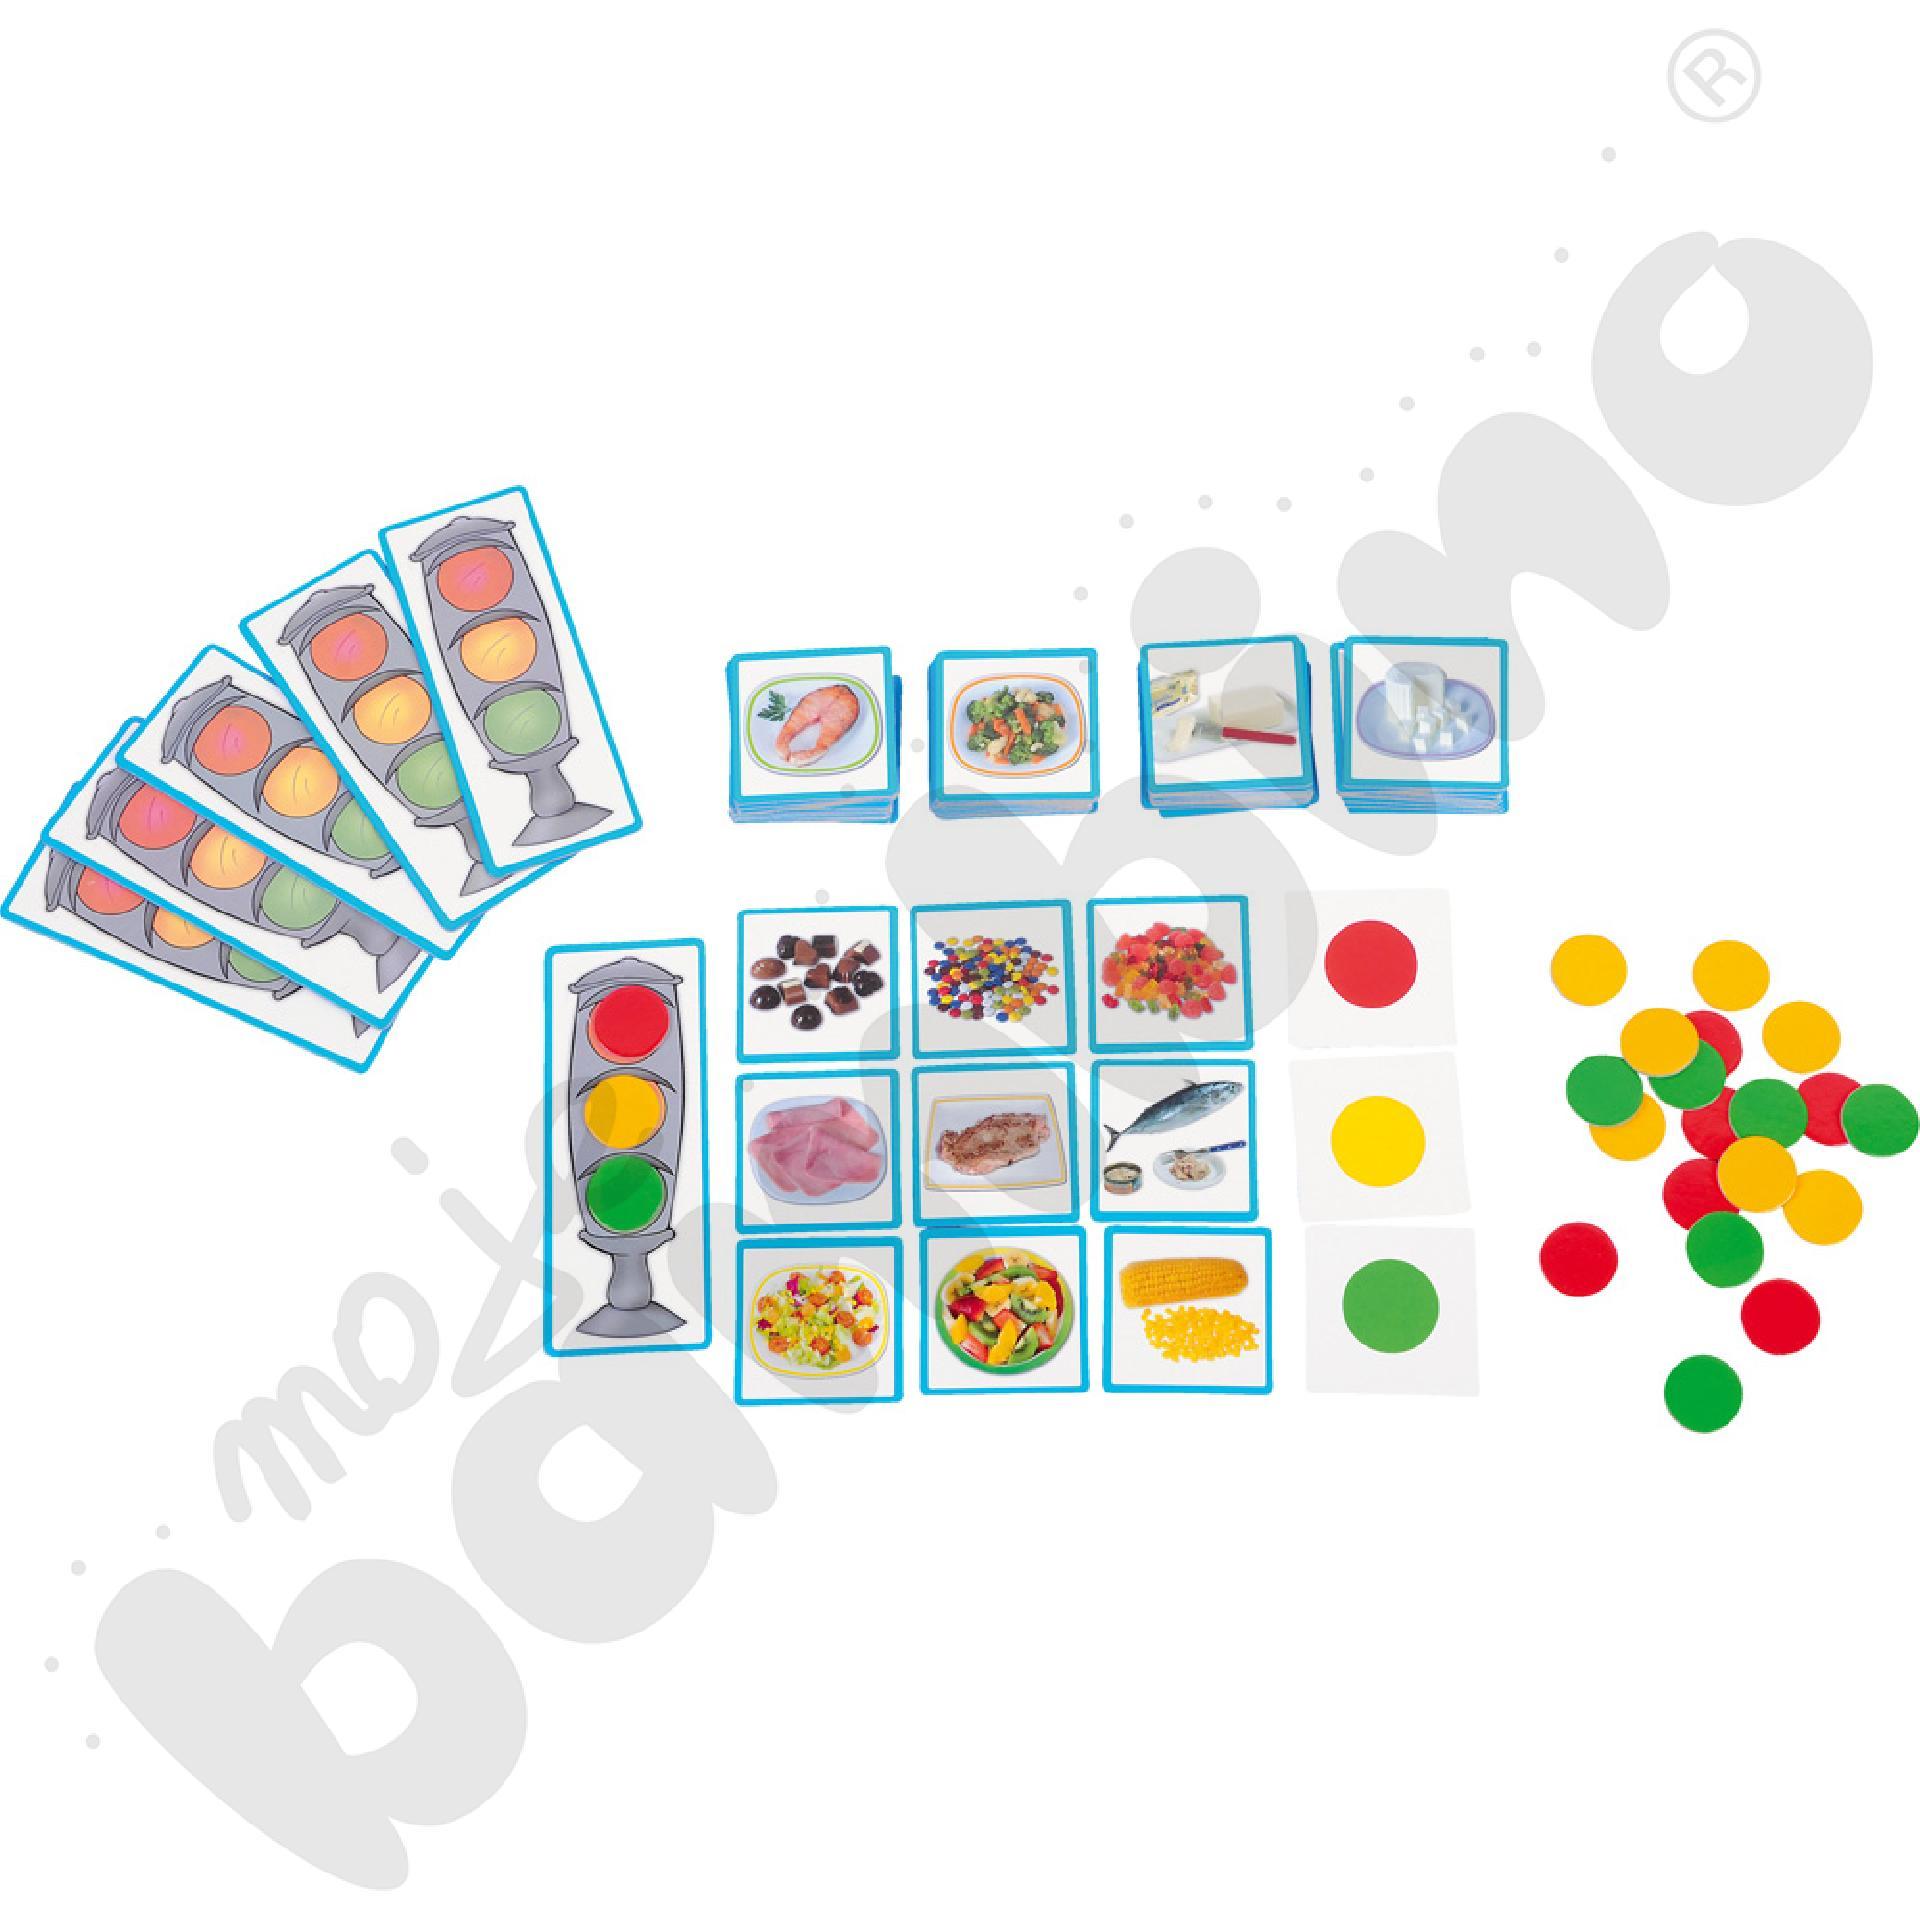 Sygnalizator - zdrowe odżywianie